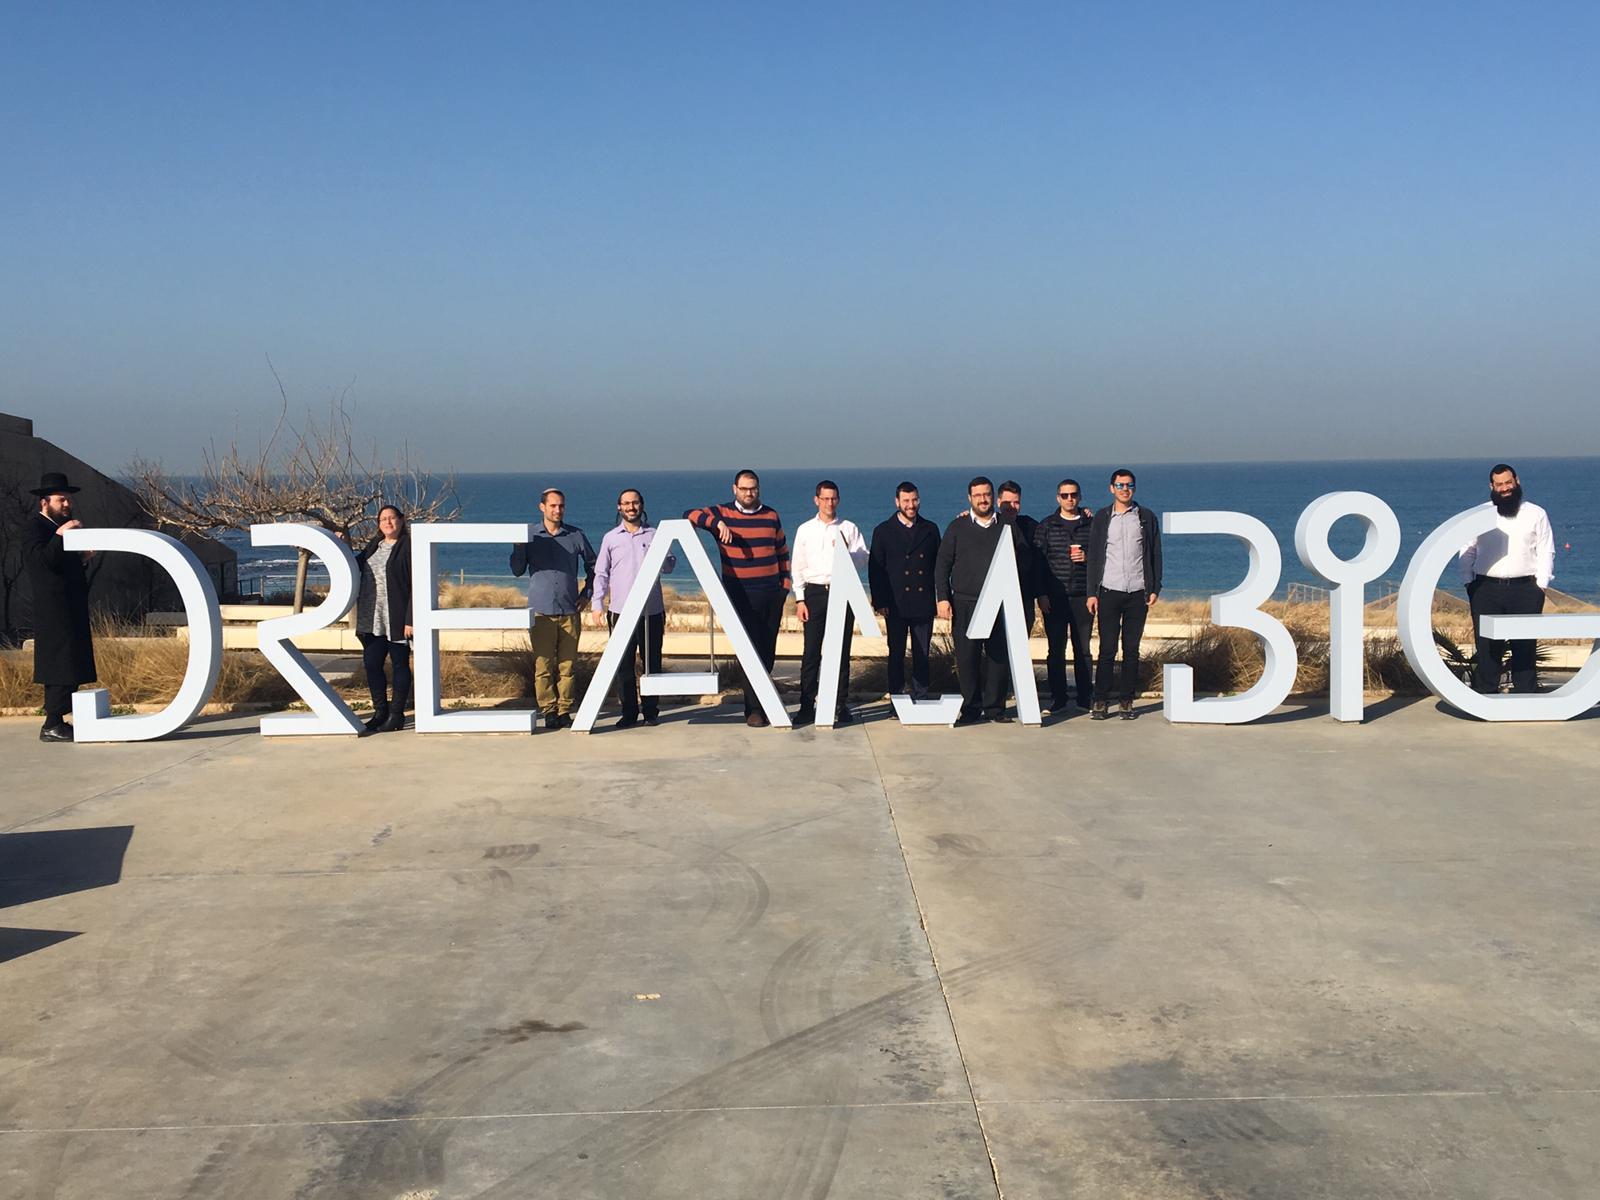 לפני כולם: סיור מודרך ומצולם במרכז פרס לשלום ולחדשנות 2